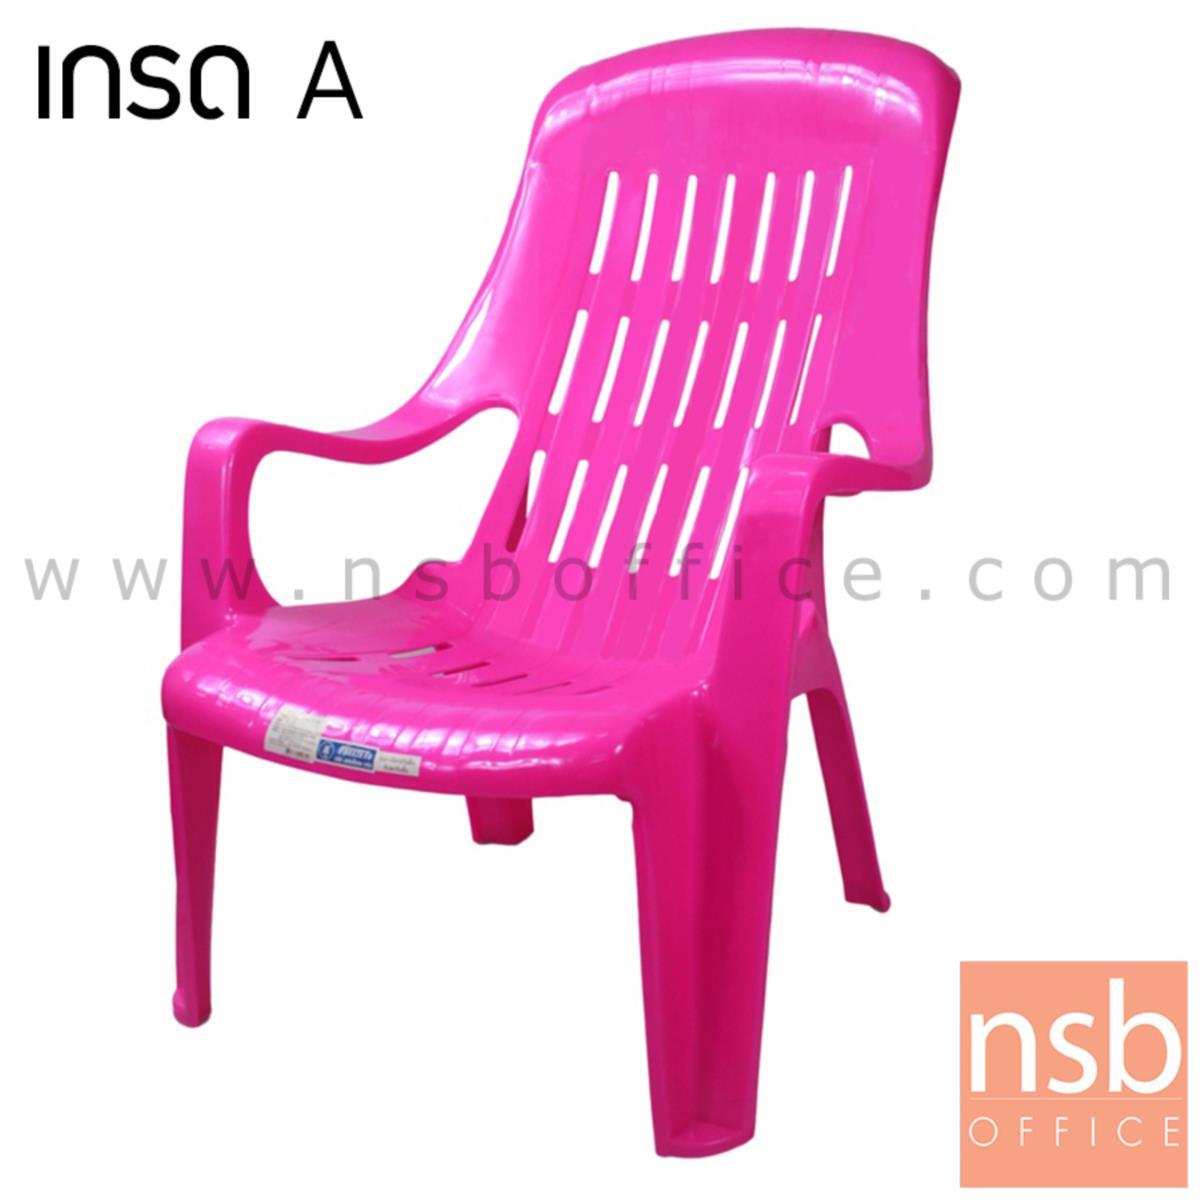 B10A055:เก้าอี้พลาสติกเอนนอน รุ่น COMFORTTABEL_CHAIR (พลาสติกเกรด A)